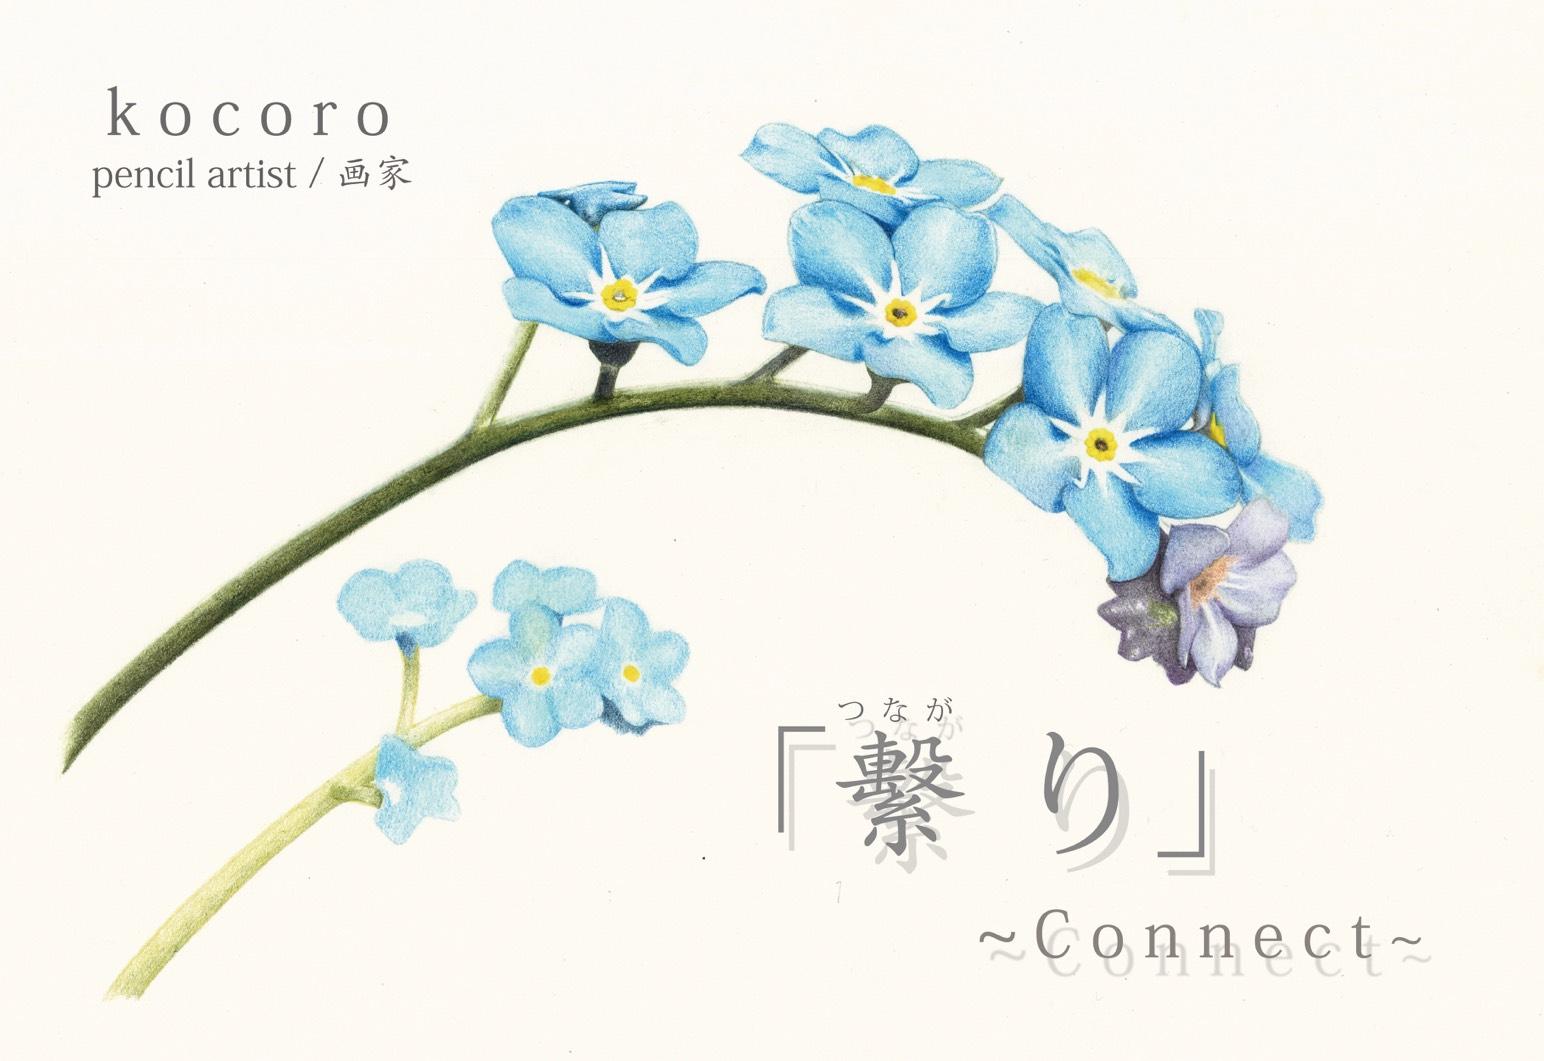 【入場無料】kocoro個展「「繫り」~Connect~」8月1日(水)より開催